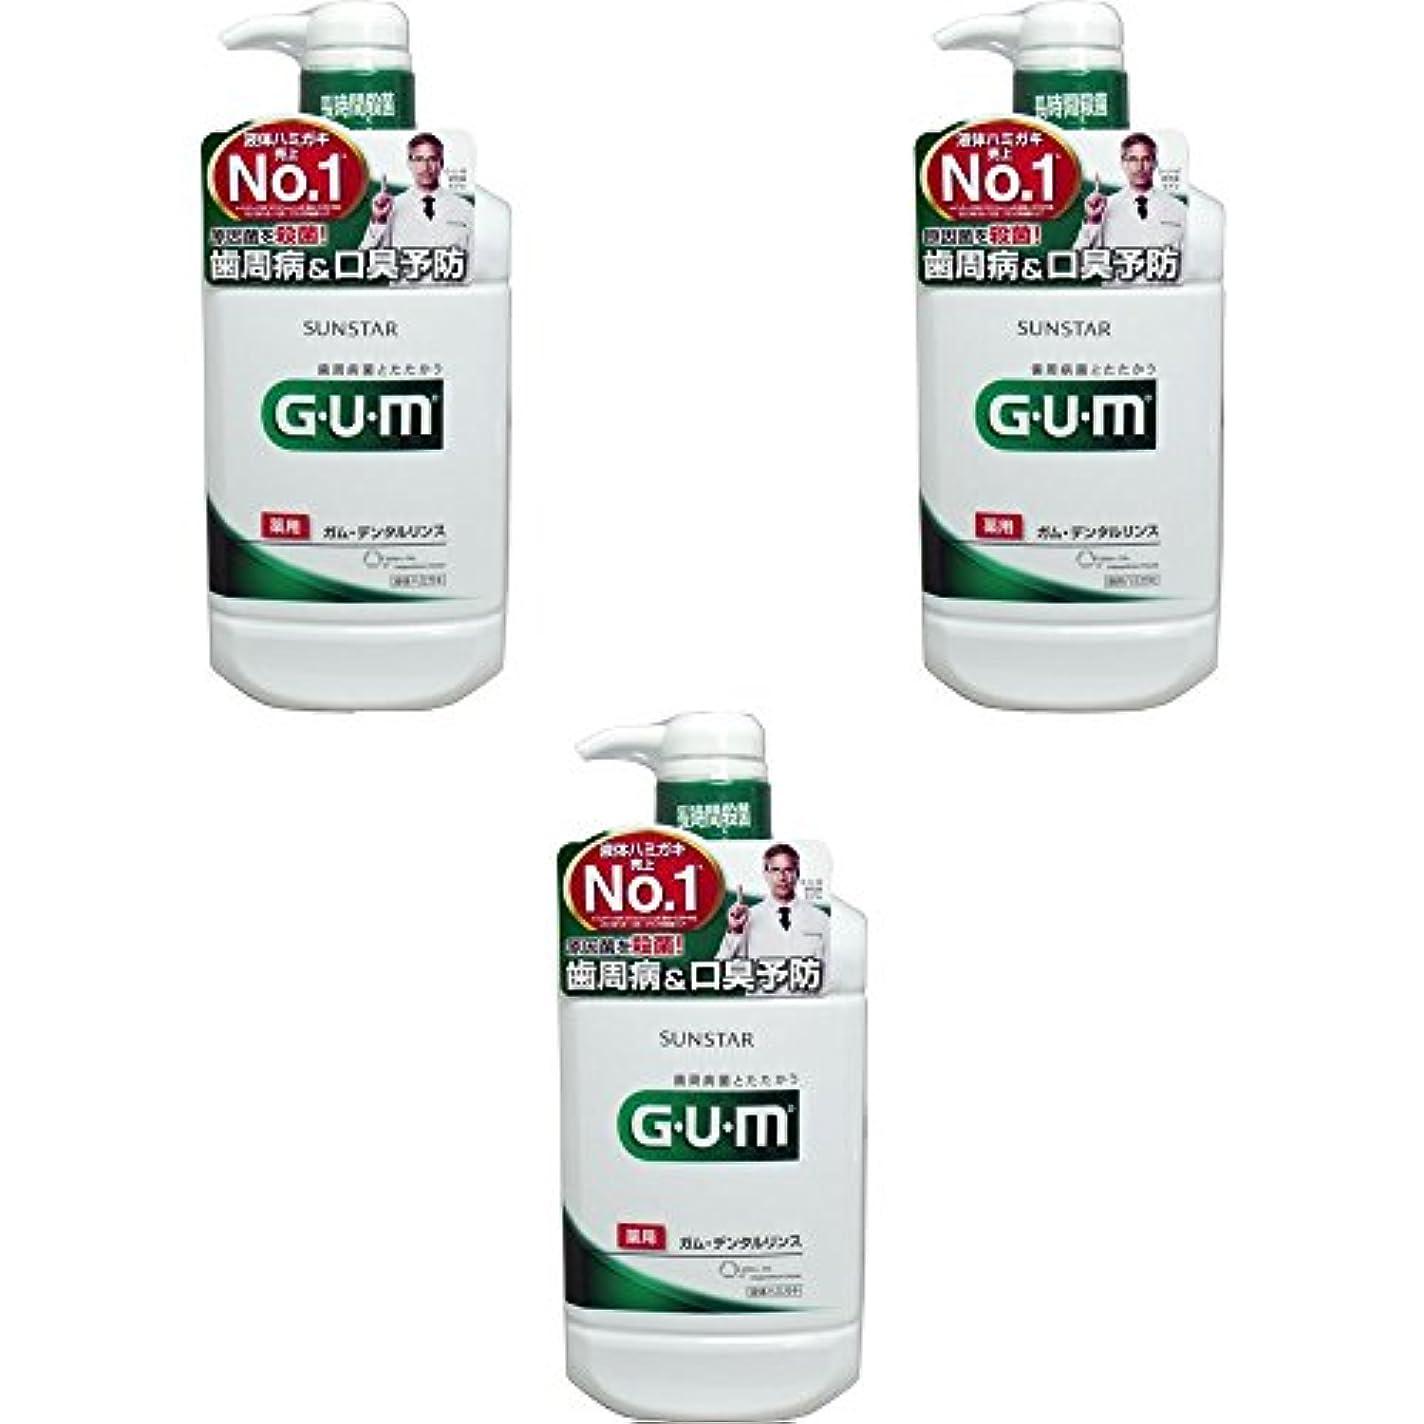 師匠火山のマルコポーロ【セット品】GUM(ガム)?デンタルリンス (レギュラータイプ) 960mL (医薬部外品) 3個